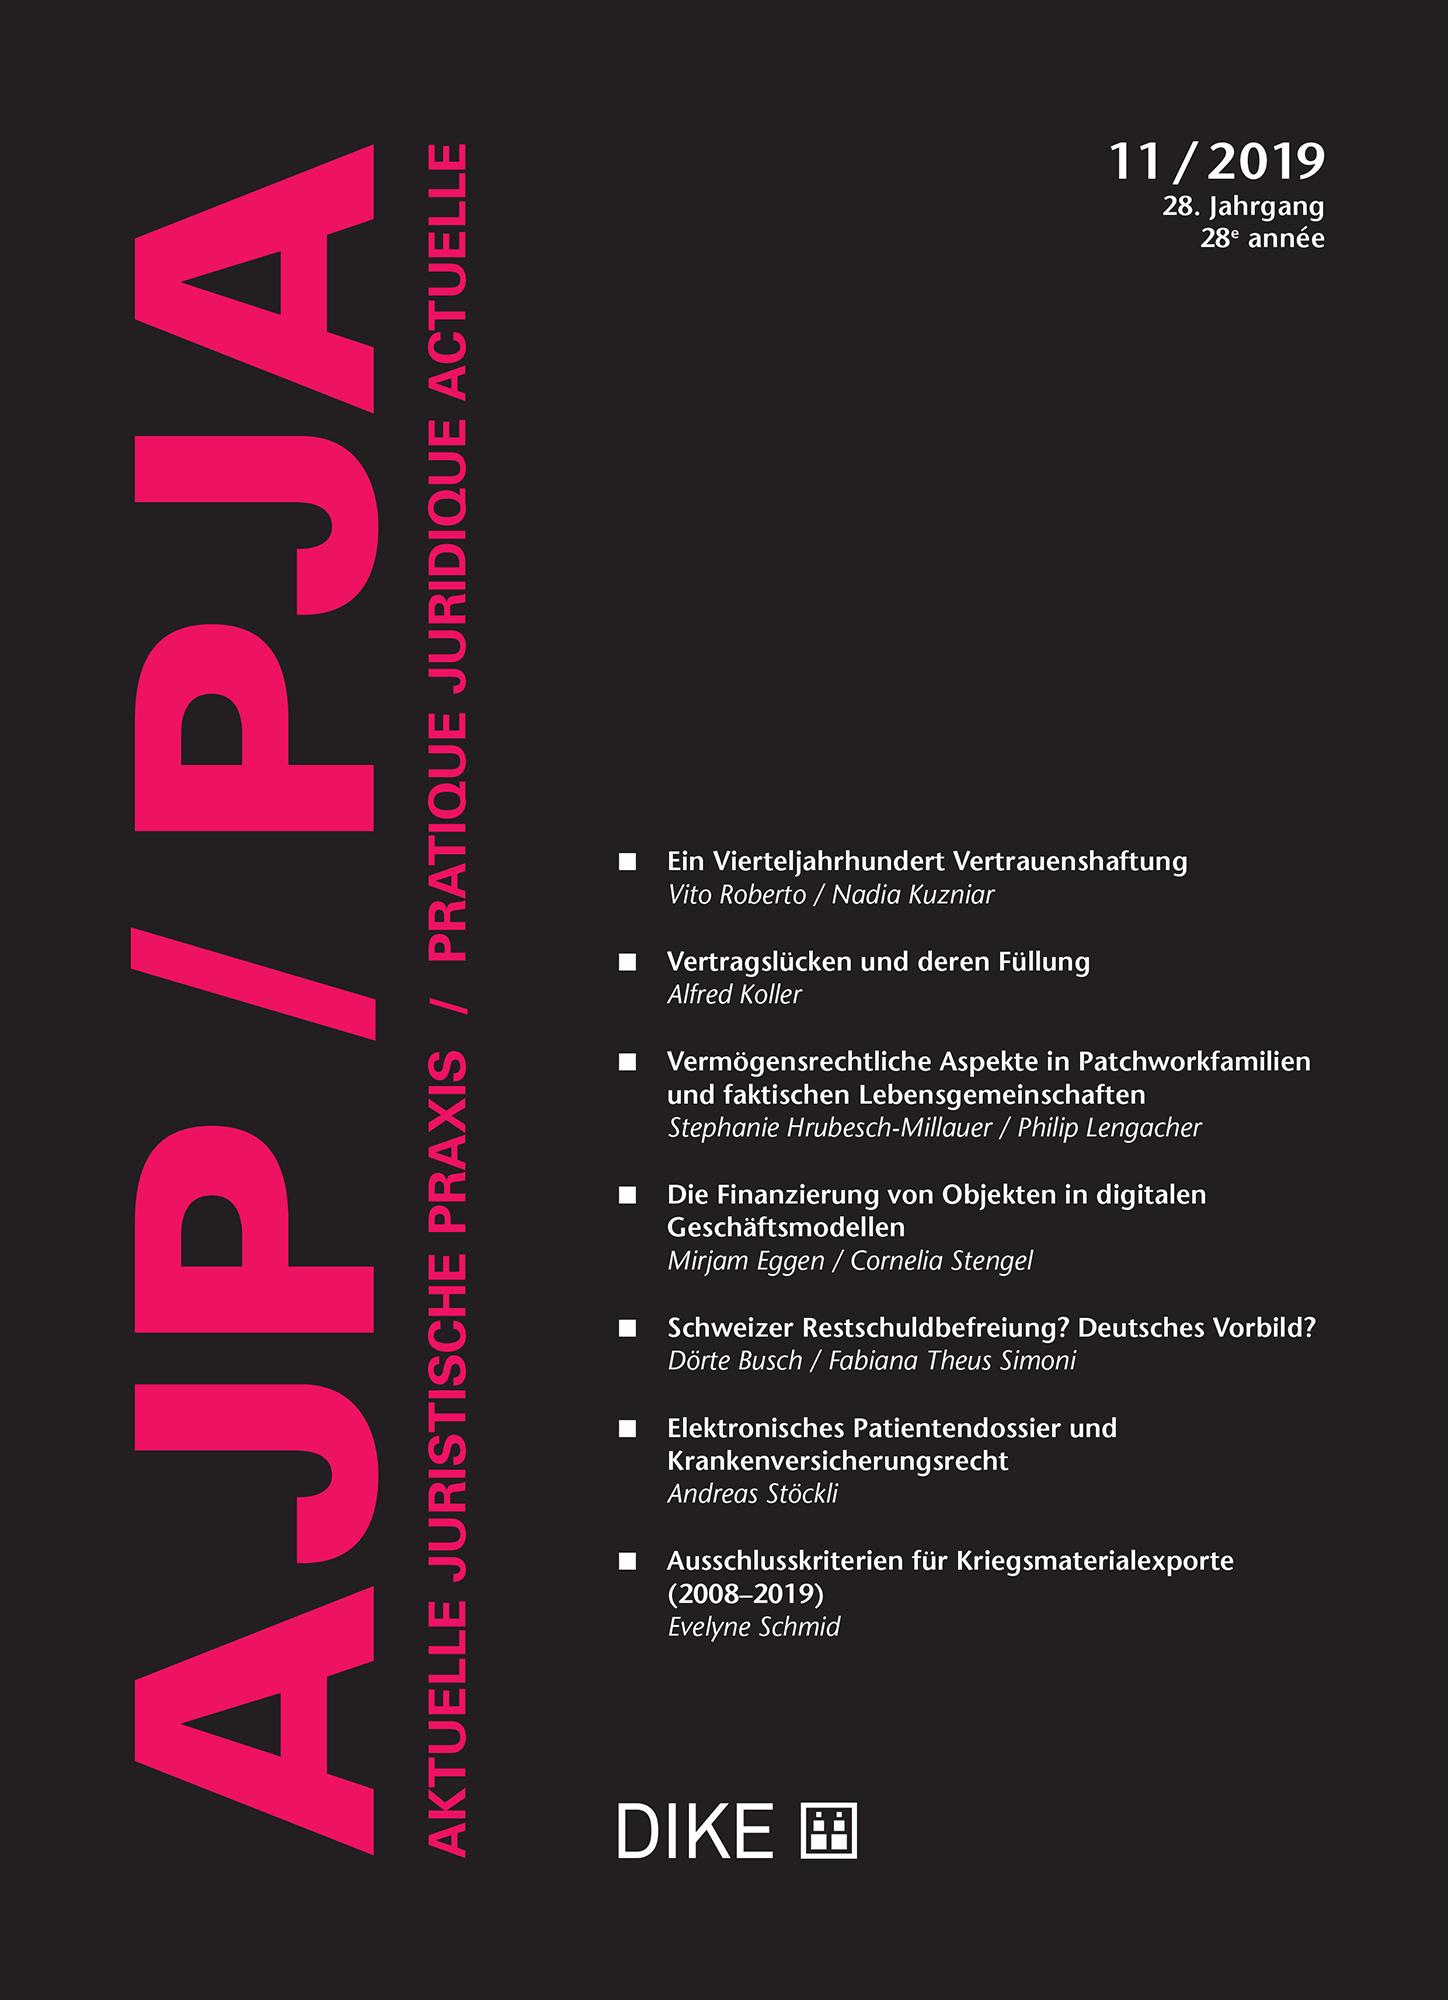 AJP/PJA 11/2019